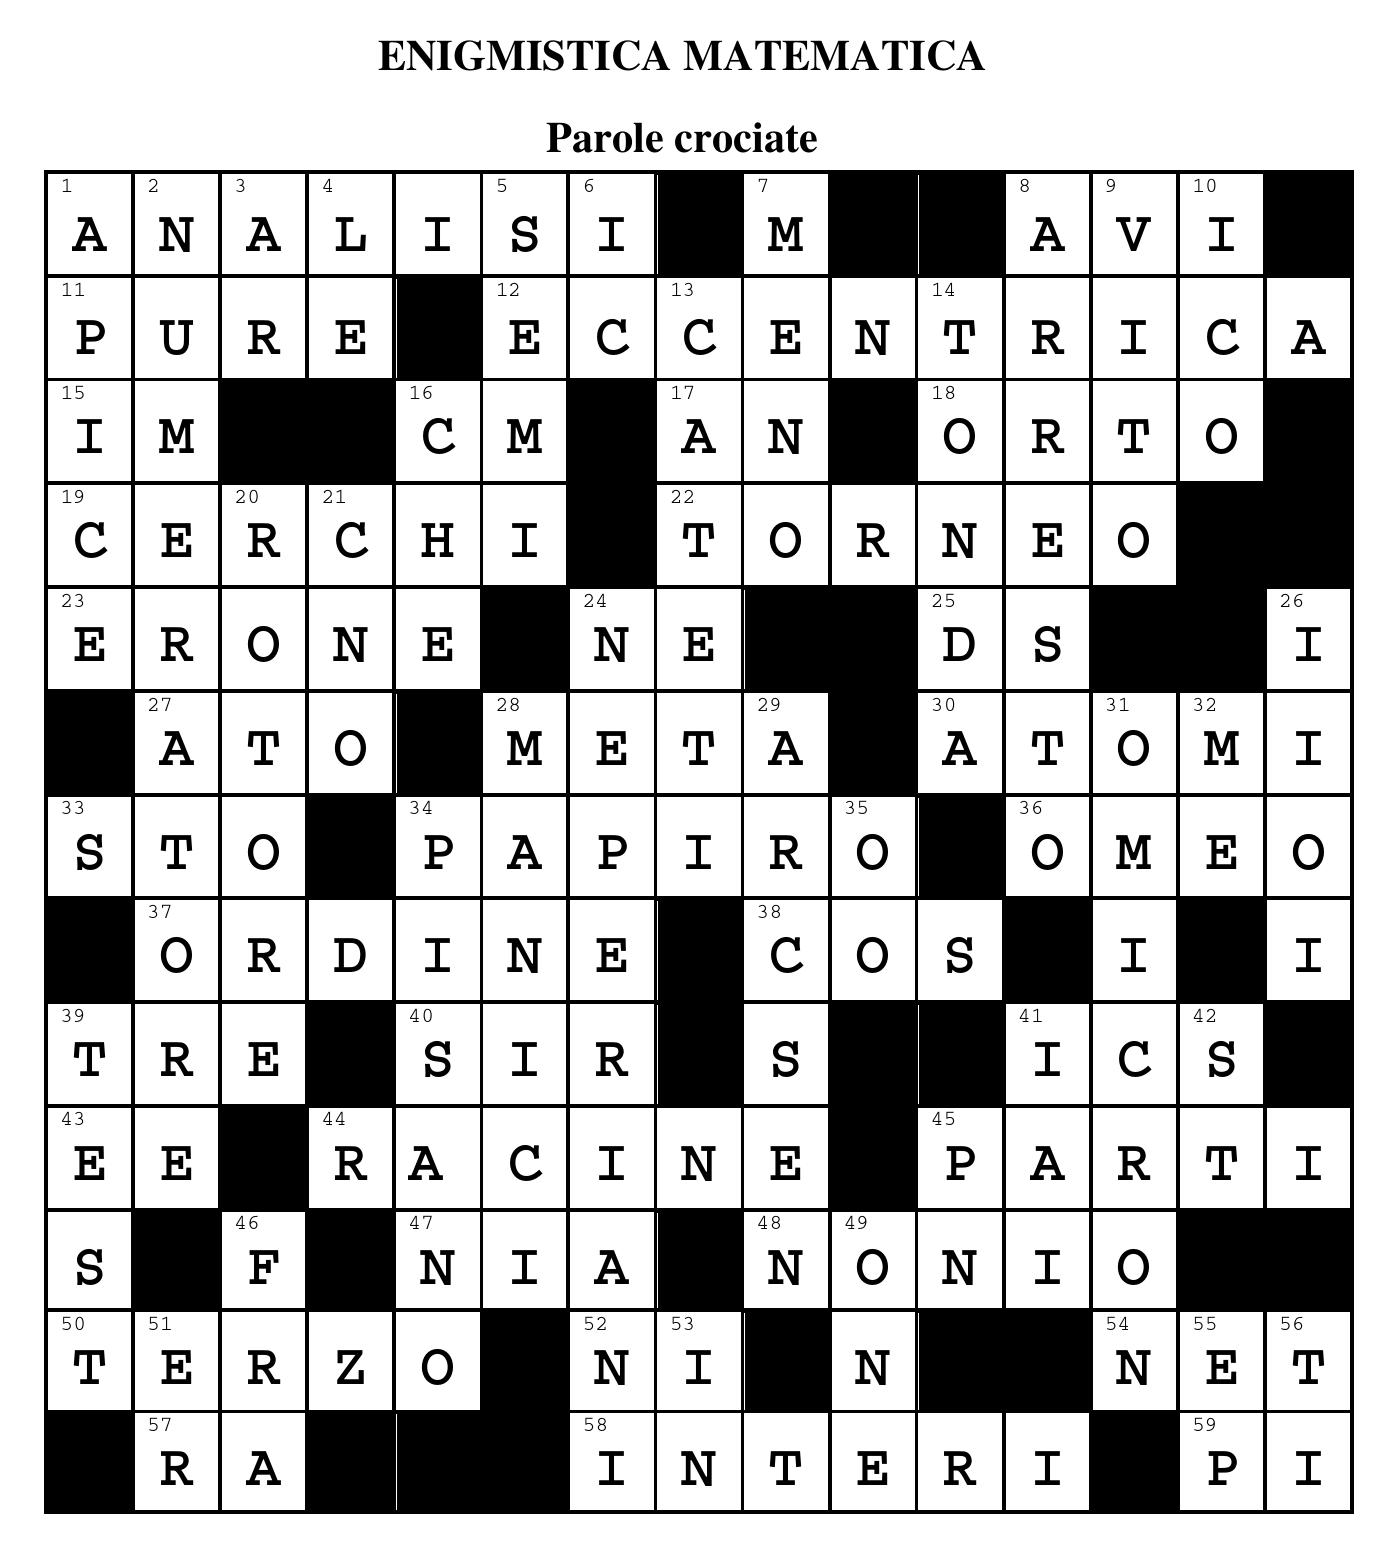 Enigmistica matematica – soluzioni dei giochi di Archimede 1/2019